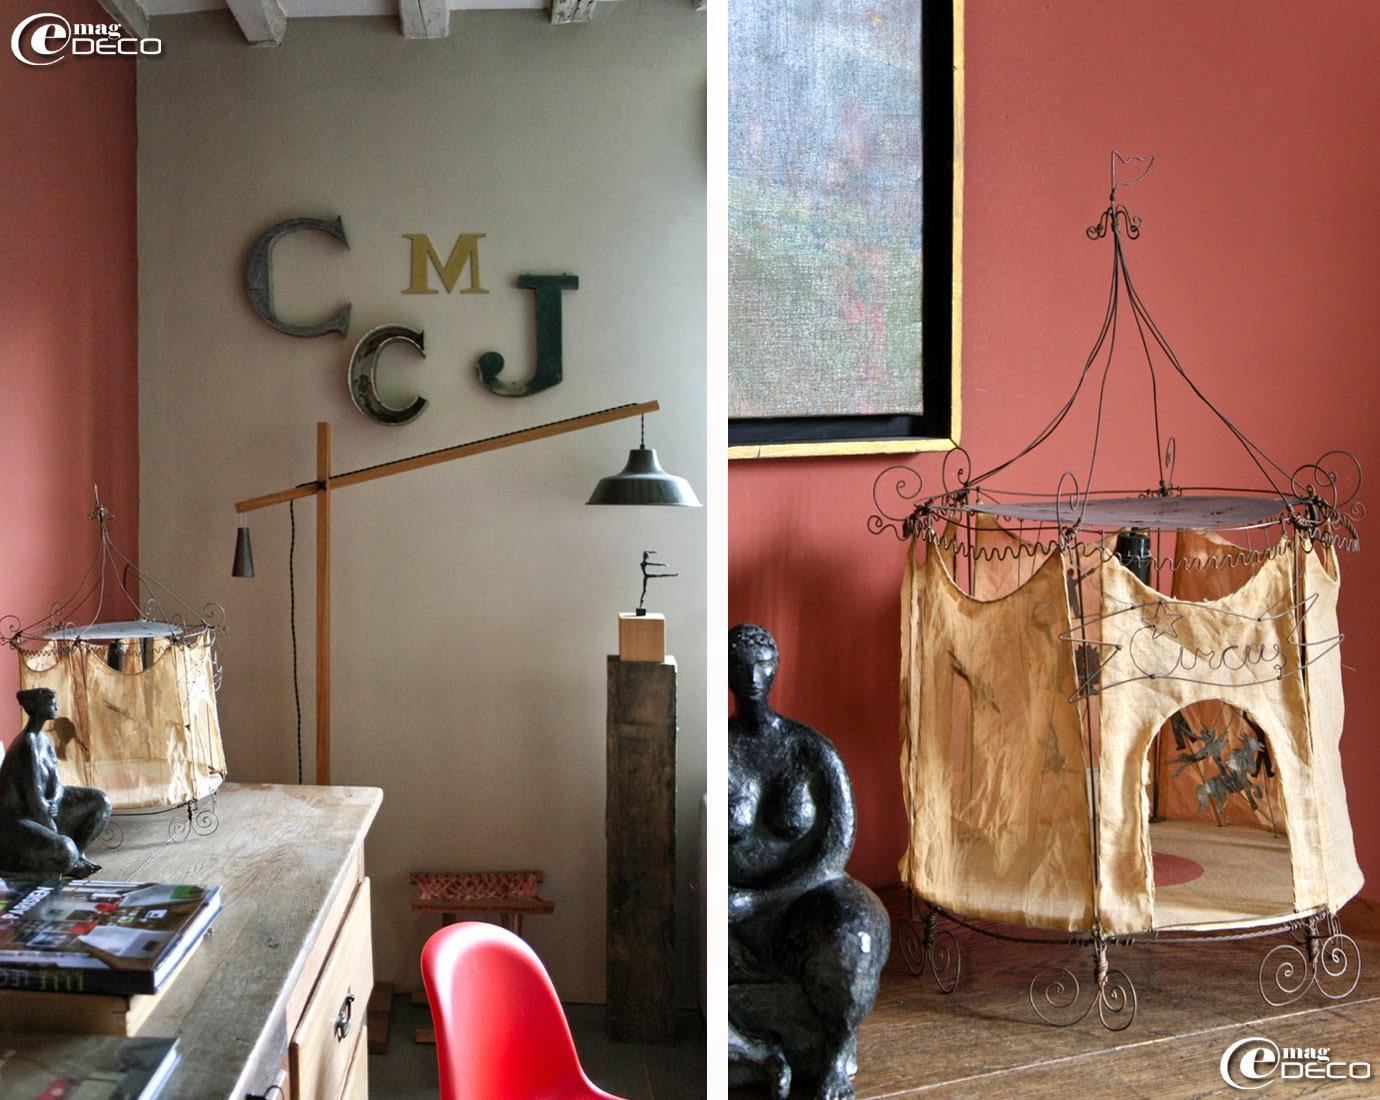 Lettres d'enseigne pour décorer un mur, une lampe articulée de Anne Jaeckin et Le Cirque, une création de Vox Populi